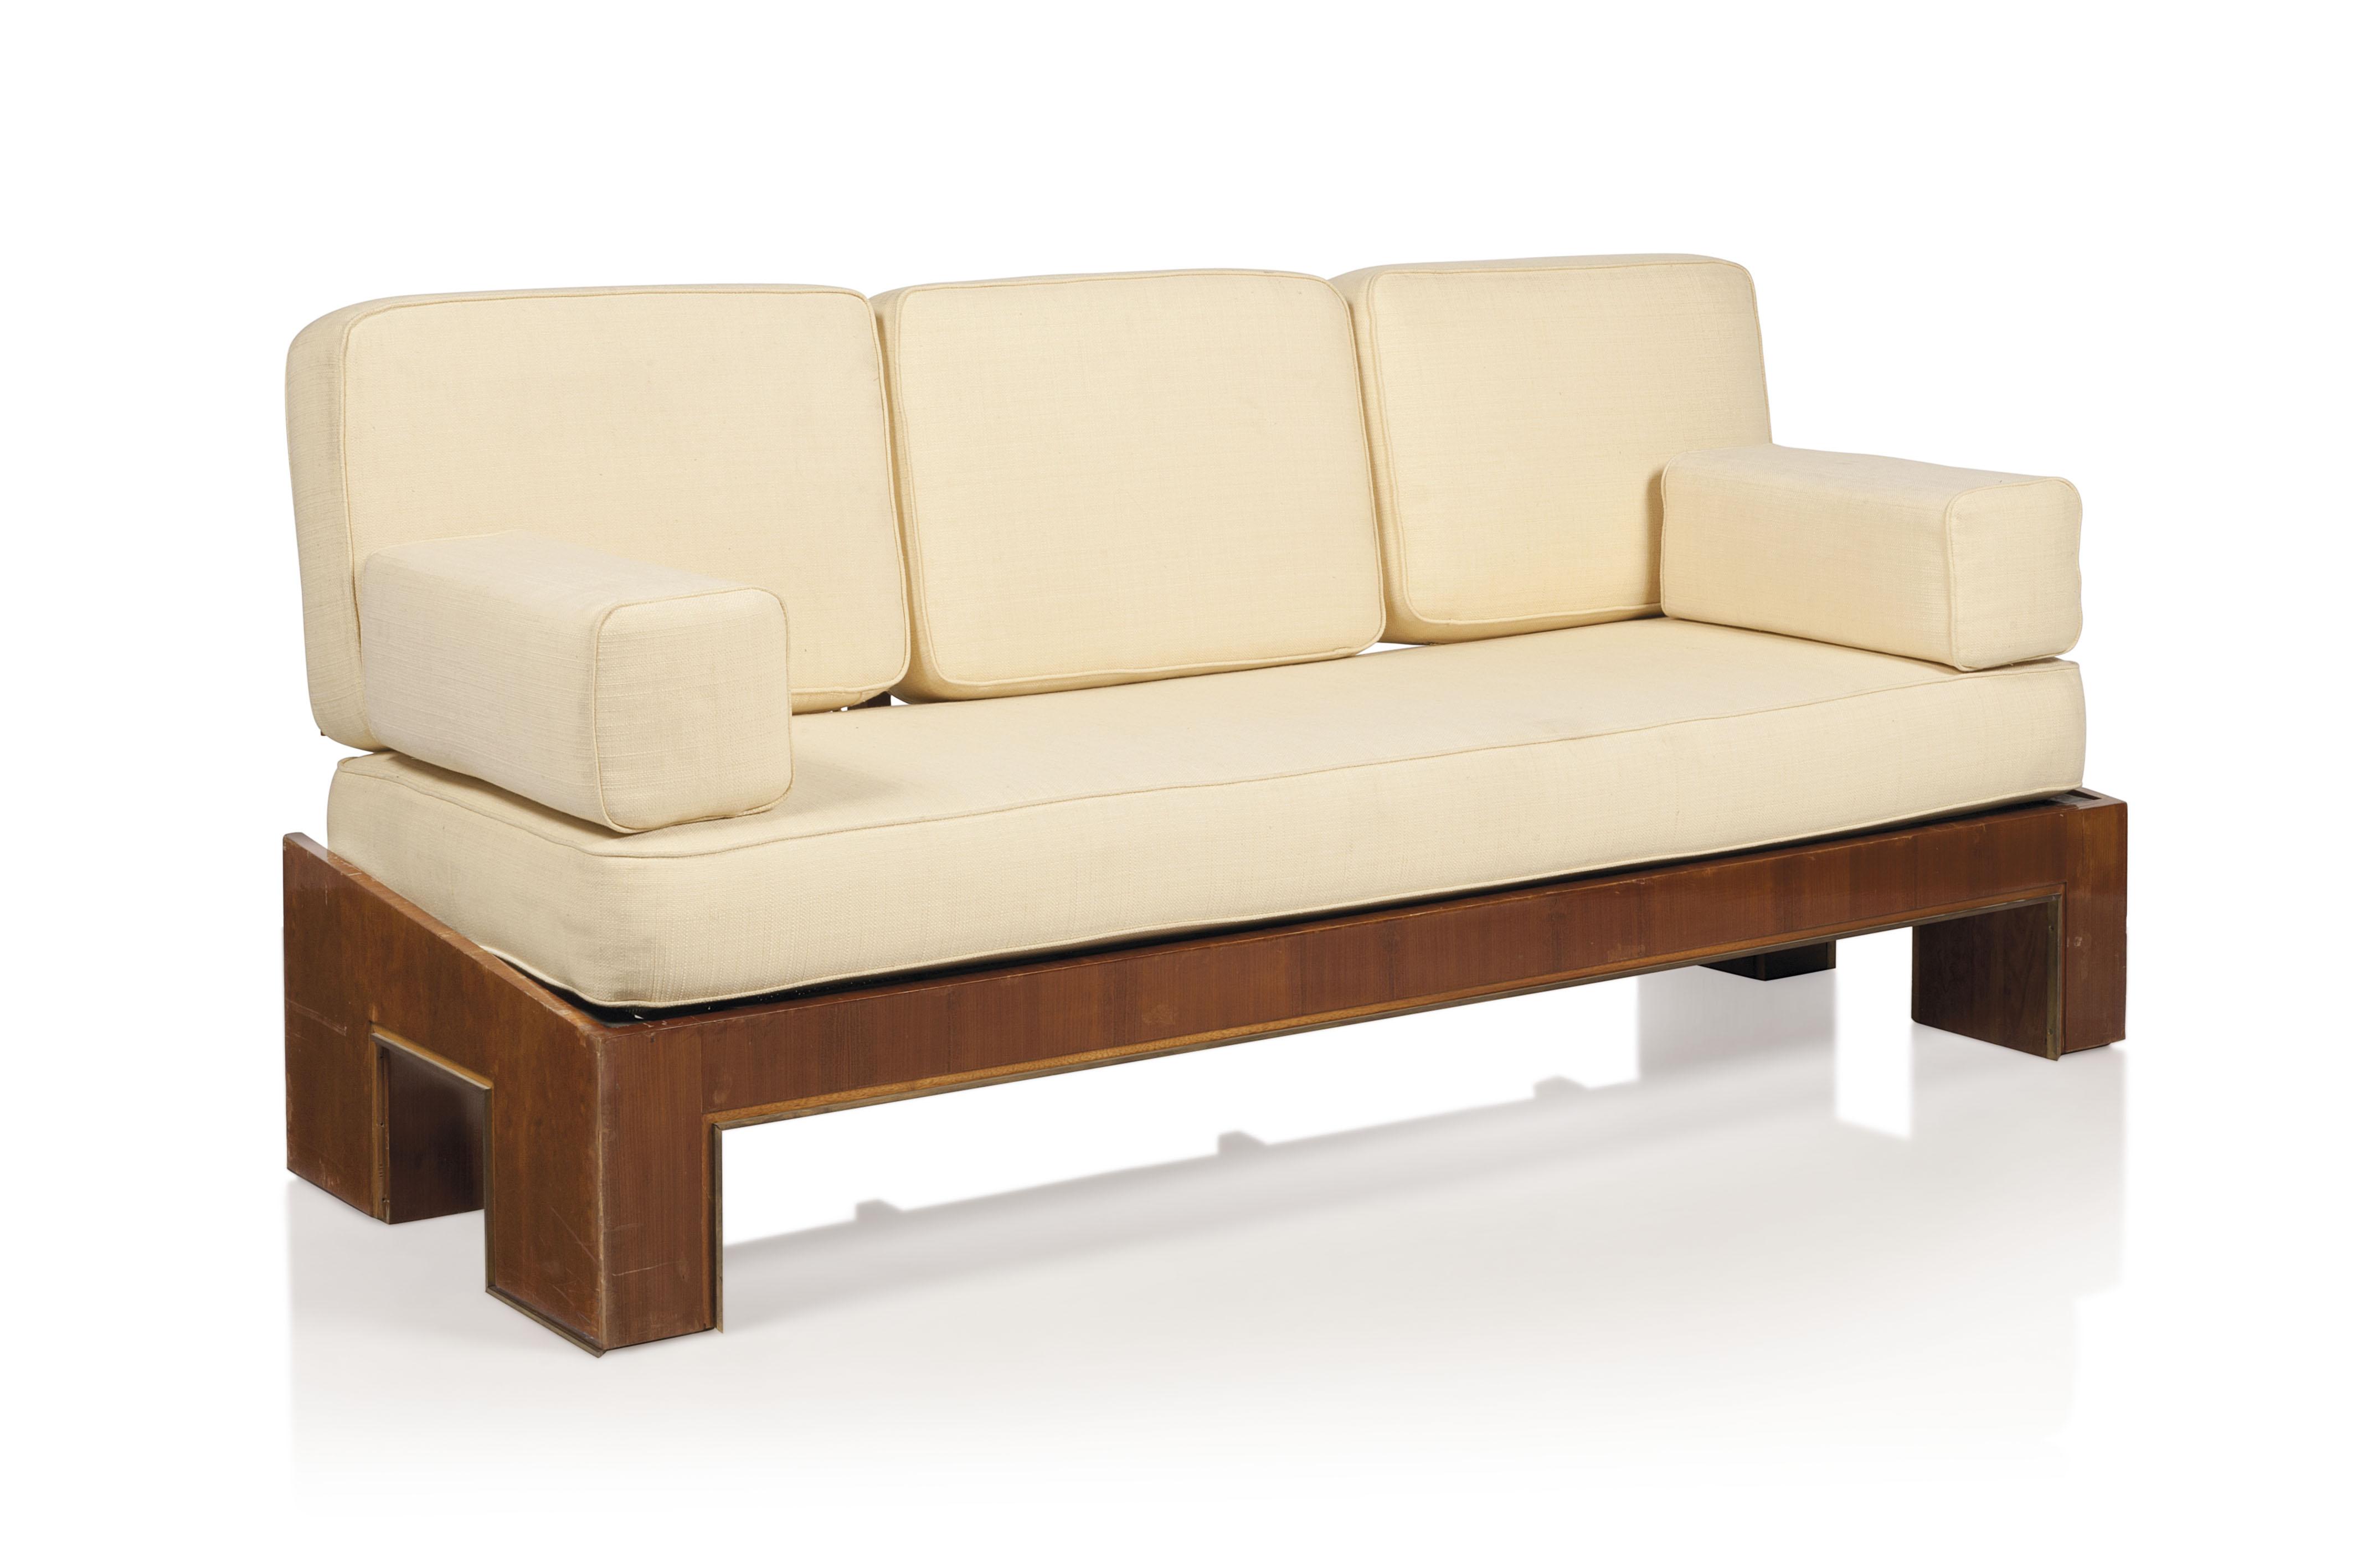 incanto sofas uk. Black Bedroom Furniture Sets. Home Design Ideas